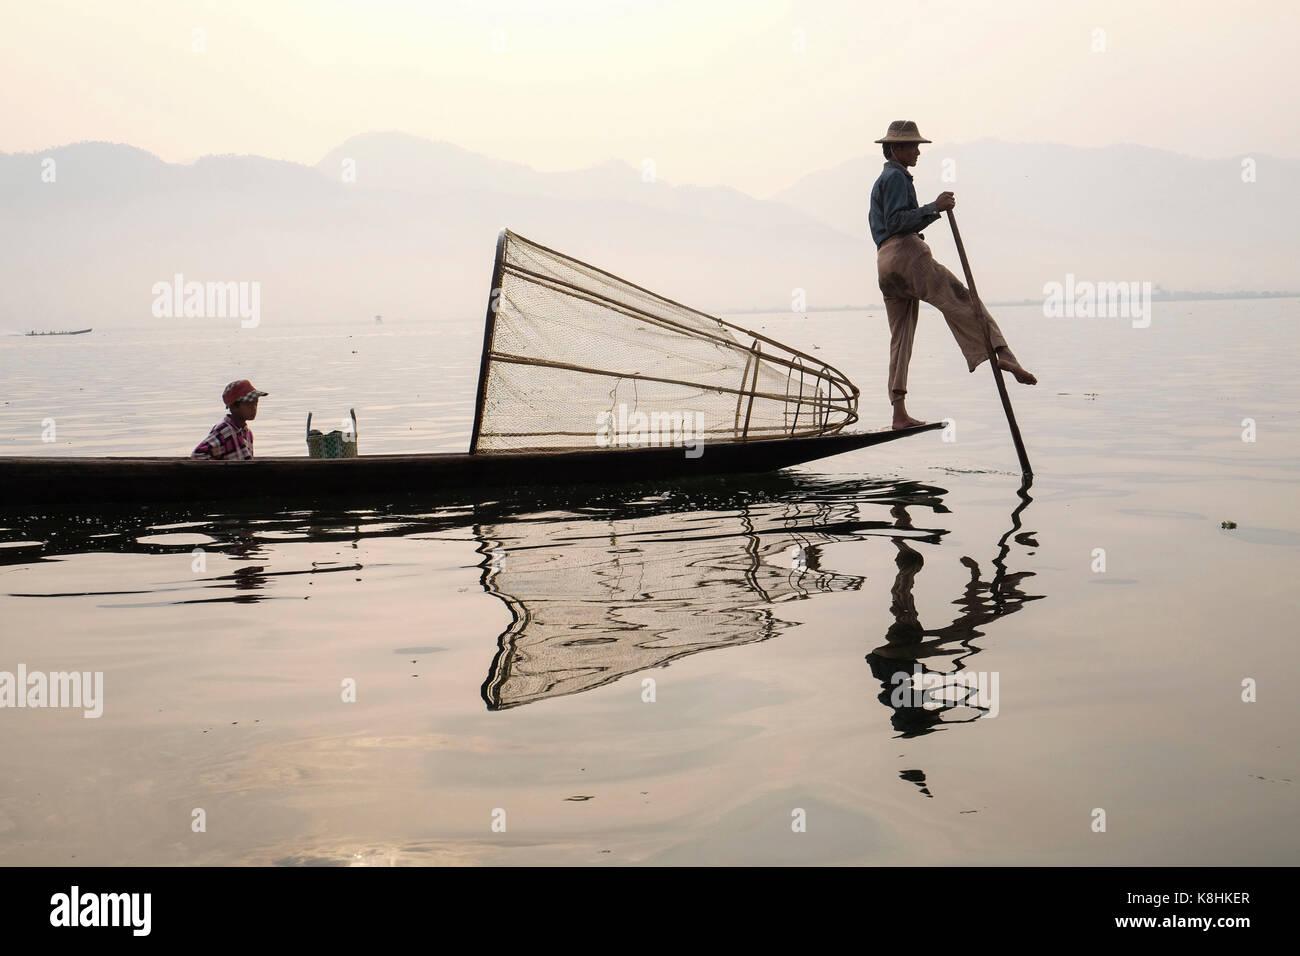 Burma, Myanmar: Fischer auf einem Schiff auf dem Inle See. Fischer mit seinem Sohn auf einem Lastkahn und kegelförmiger Stockbild